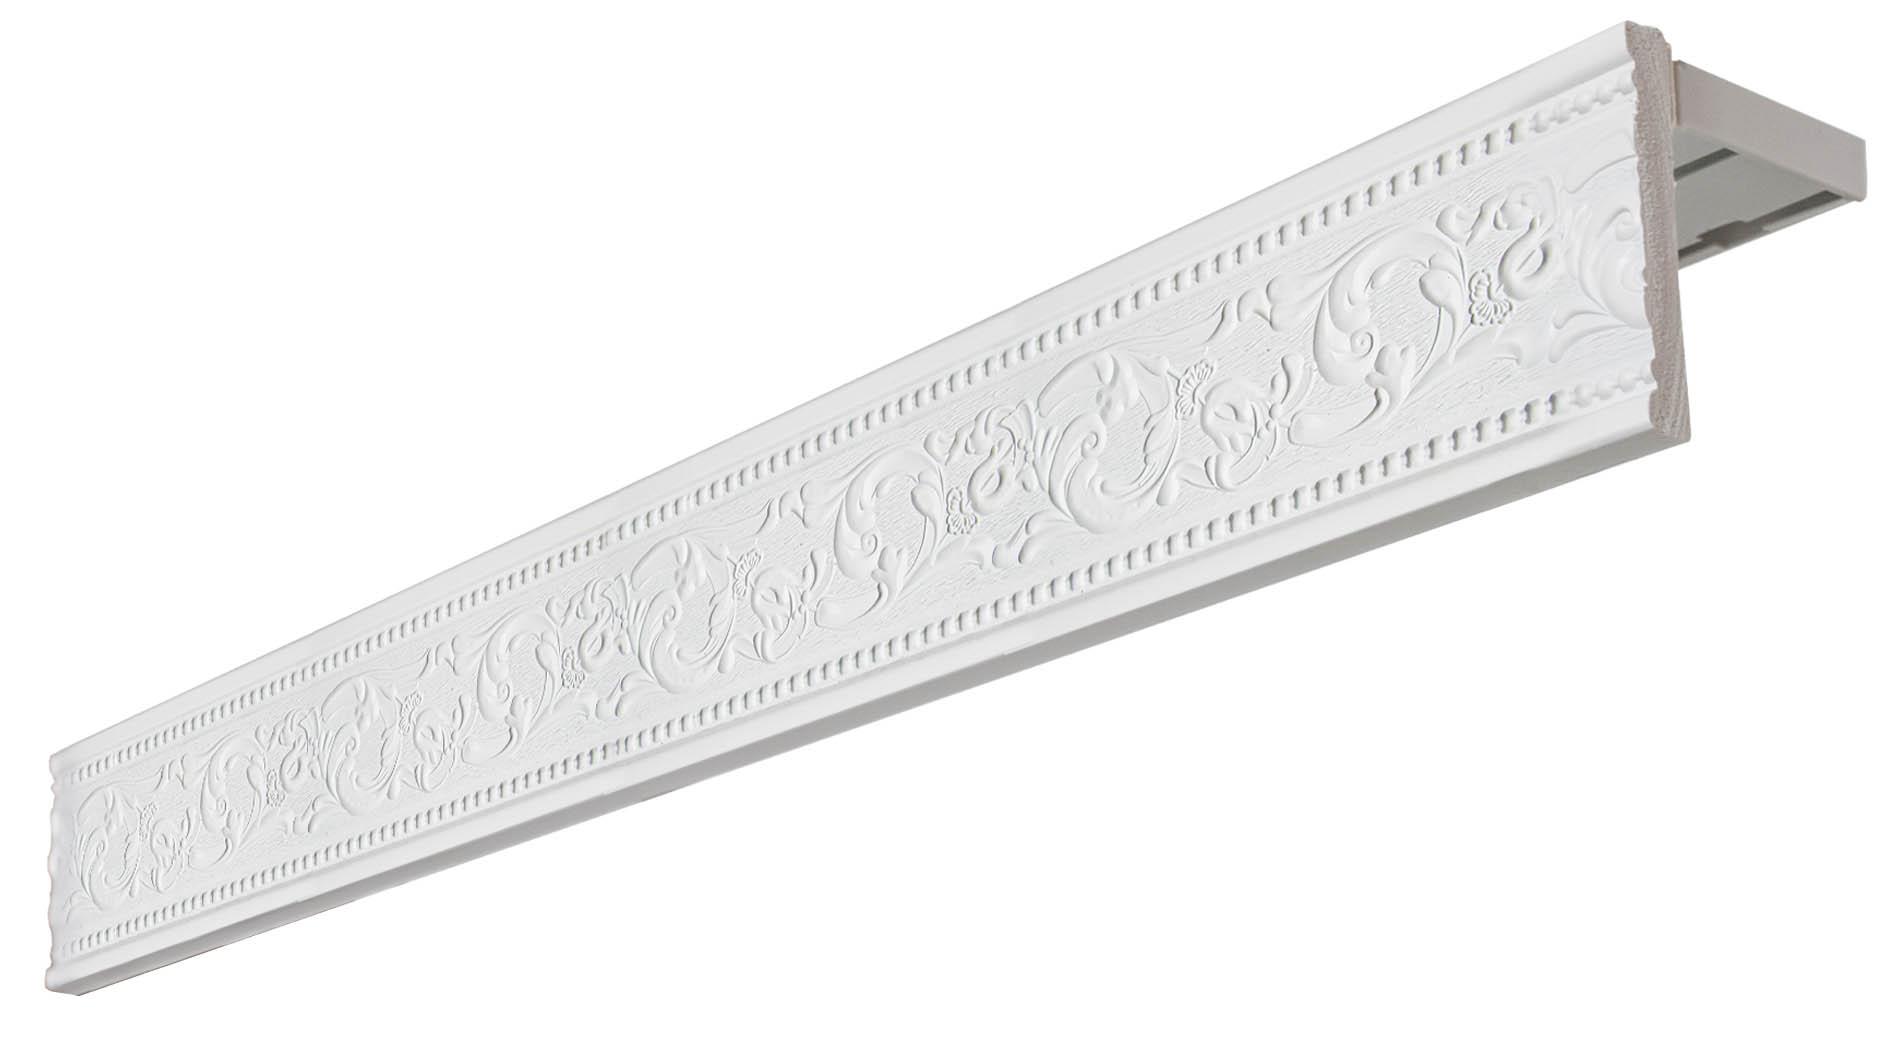 Карнизы и аксессуары для штор Уют Карниз Унисон Цвет: Белый (350 см)